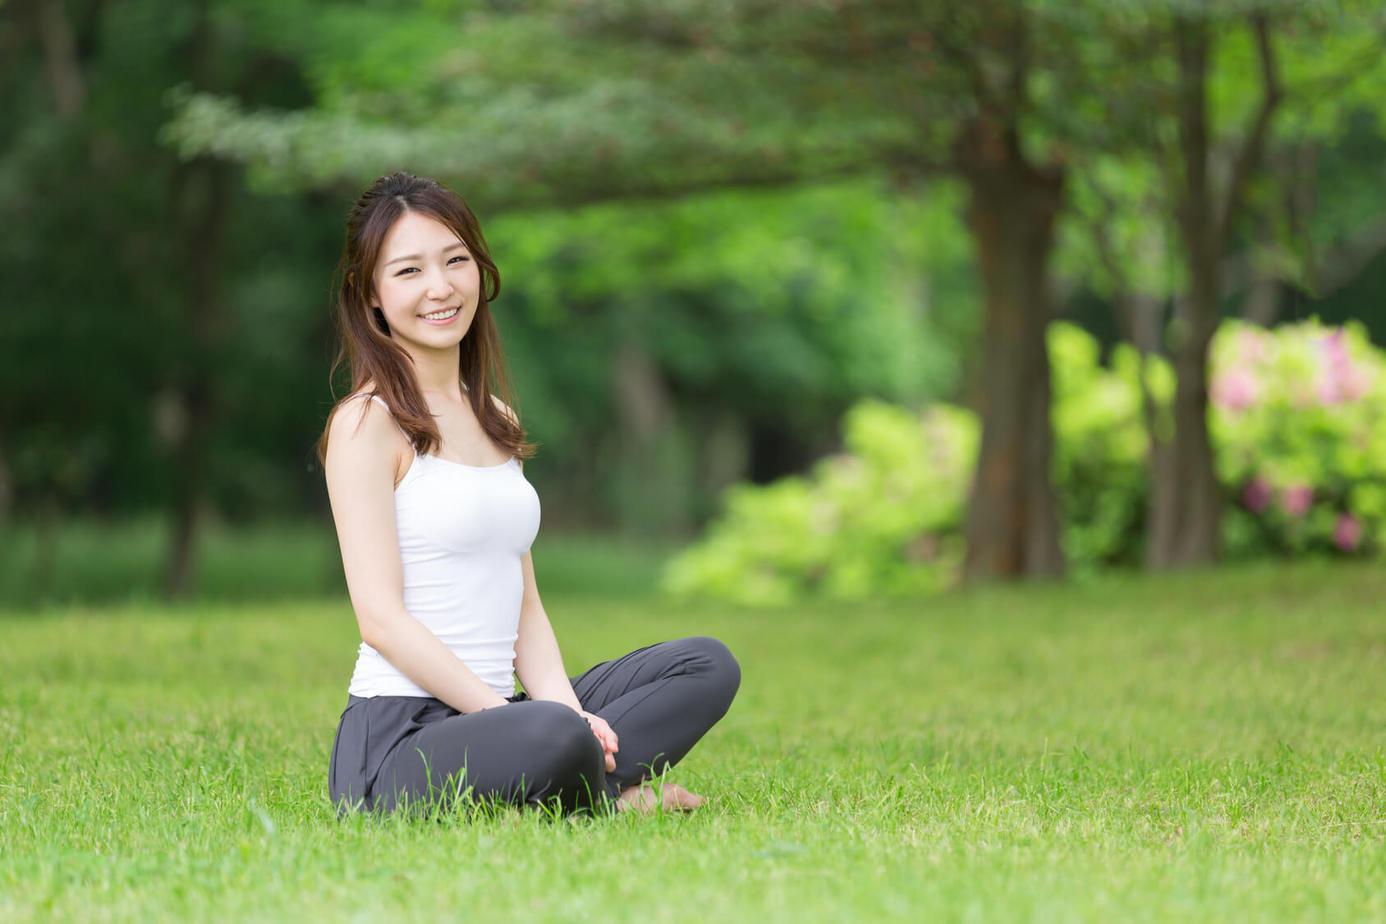 7 Cách Làm Đẹp Da Mặt Vào Mùa Đông Bạn Nên Biết 8